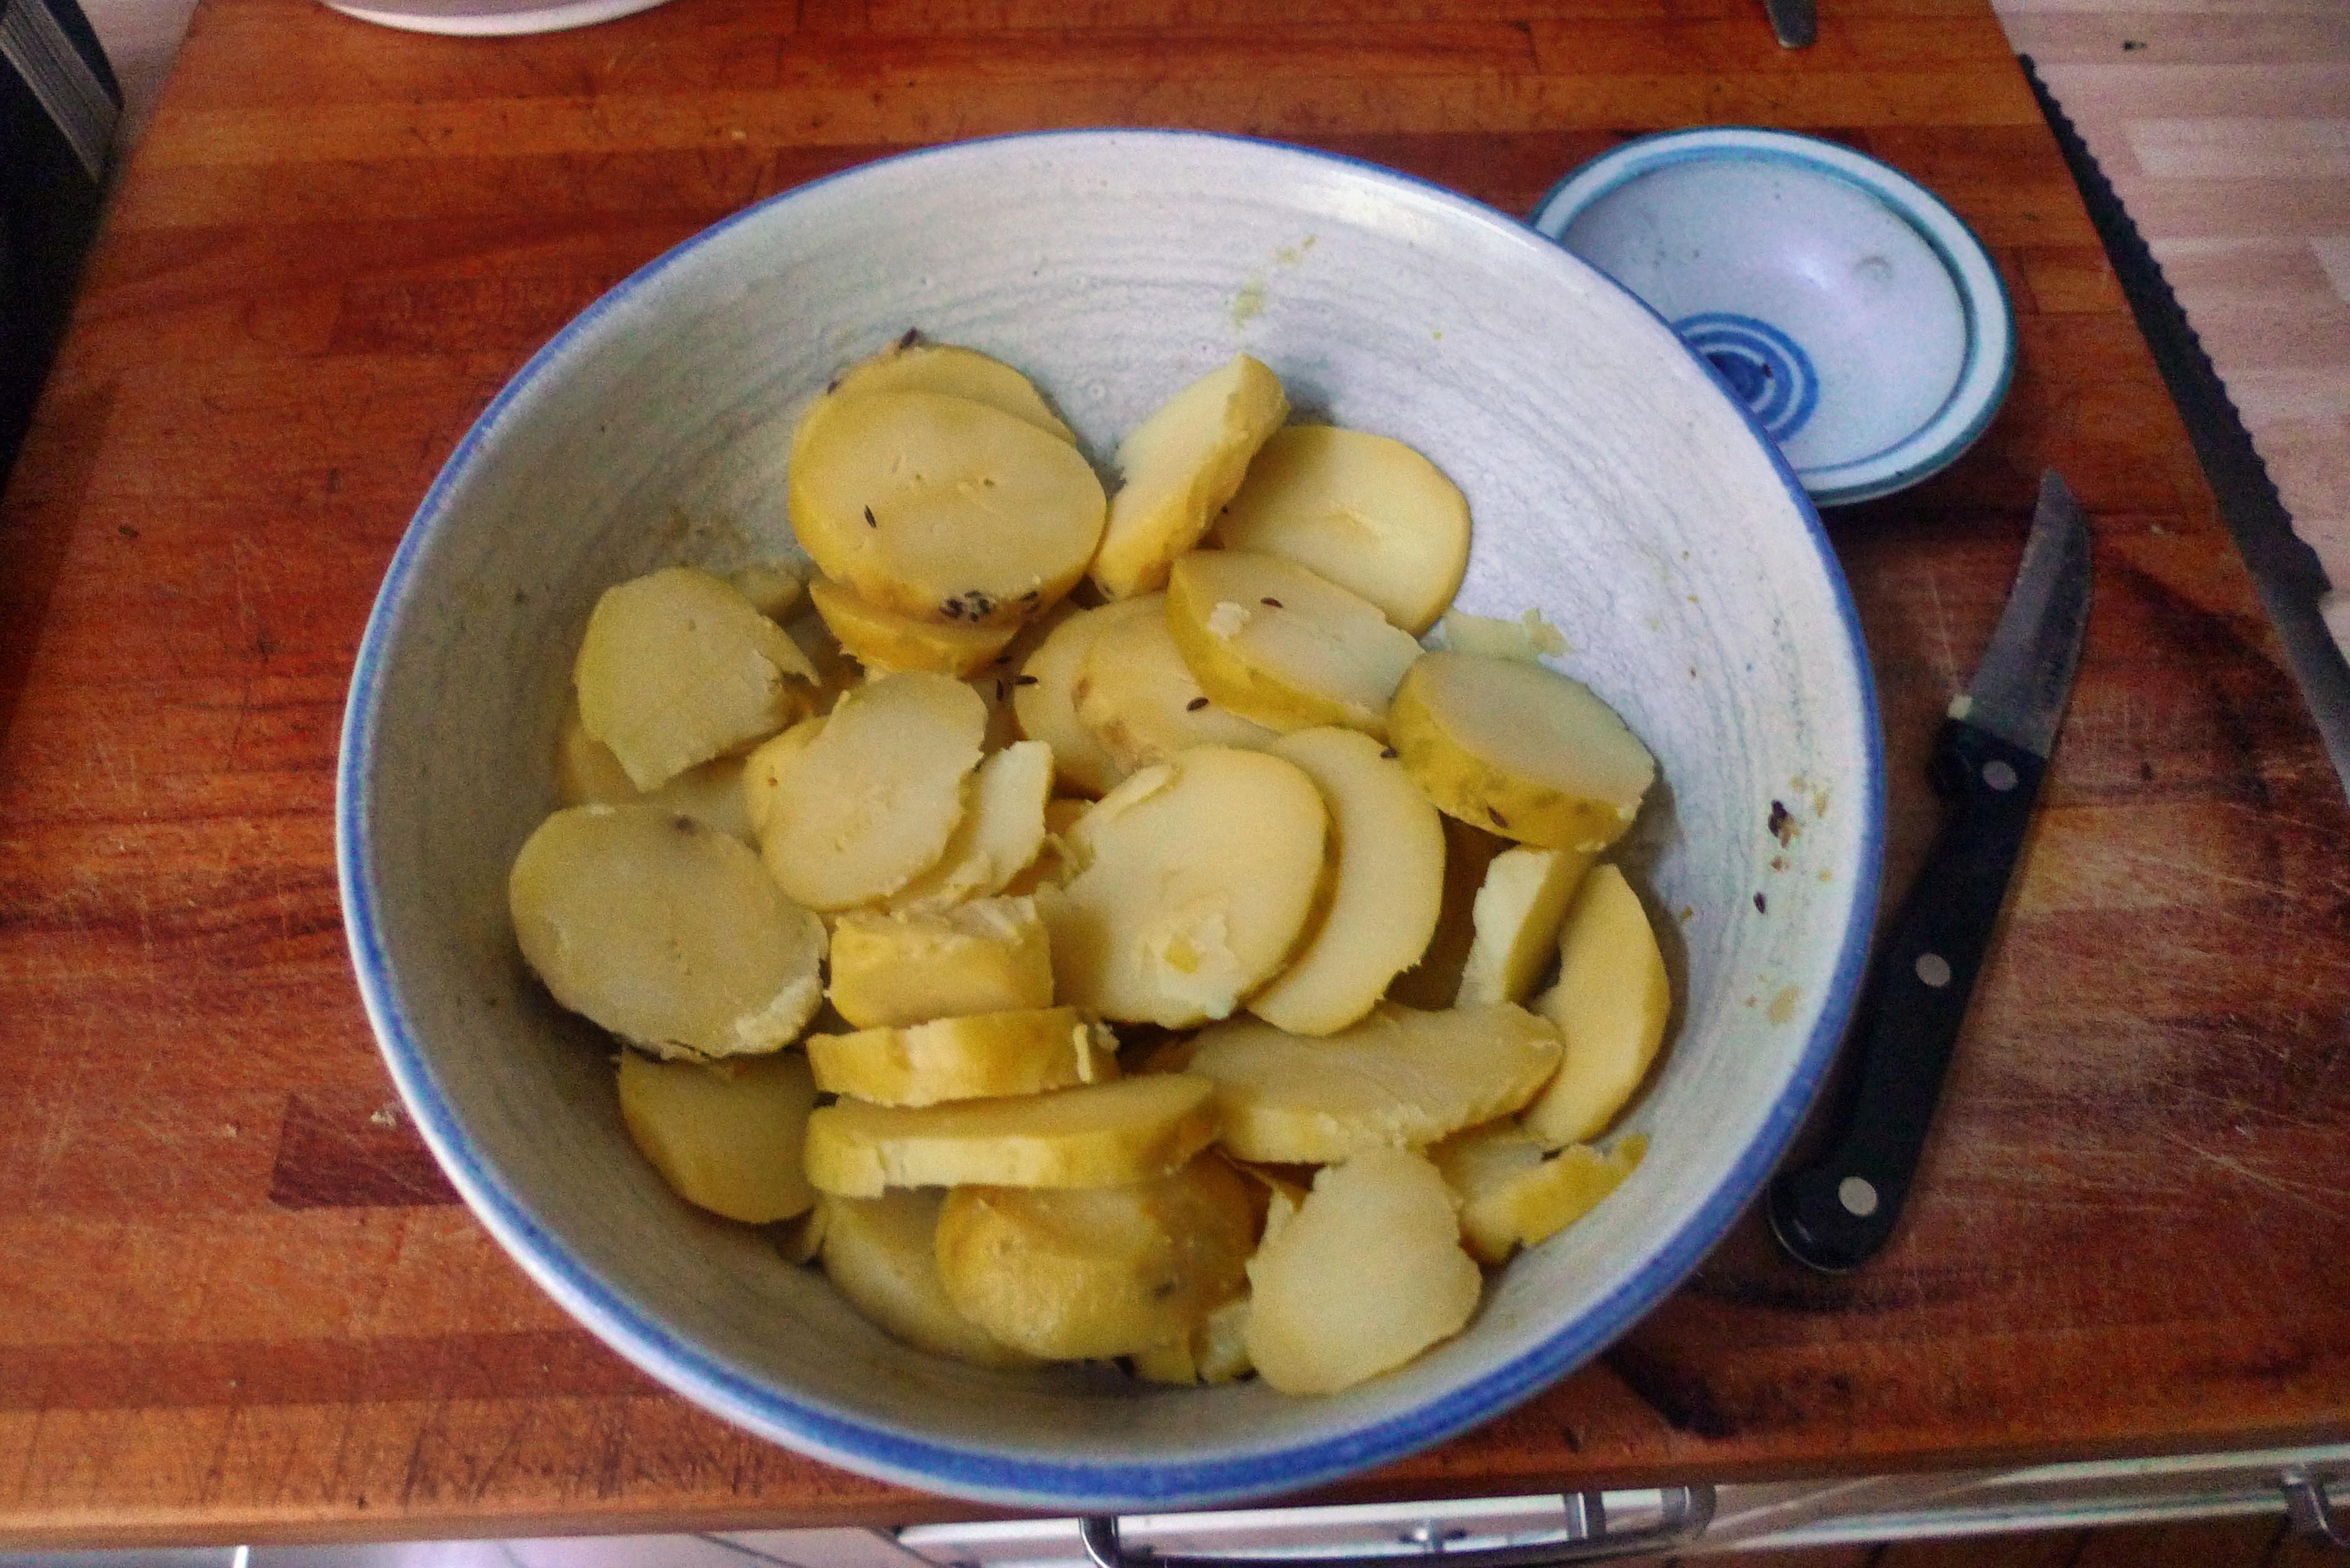 Wurzelgemüse-Bratkartoffel-1.10.14   (3)